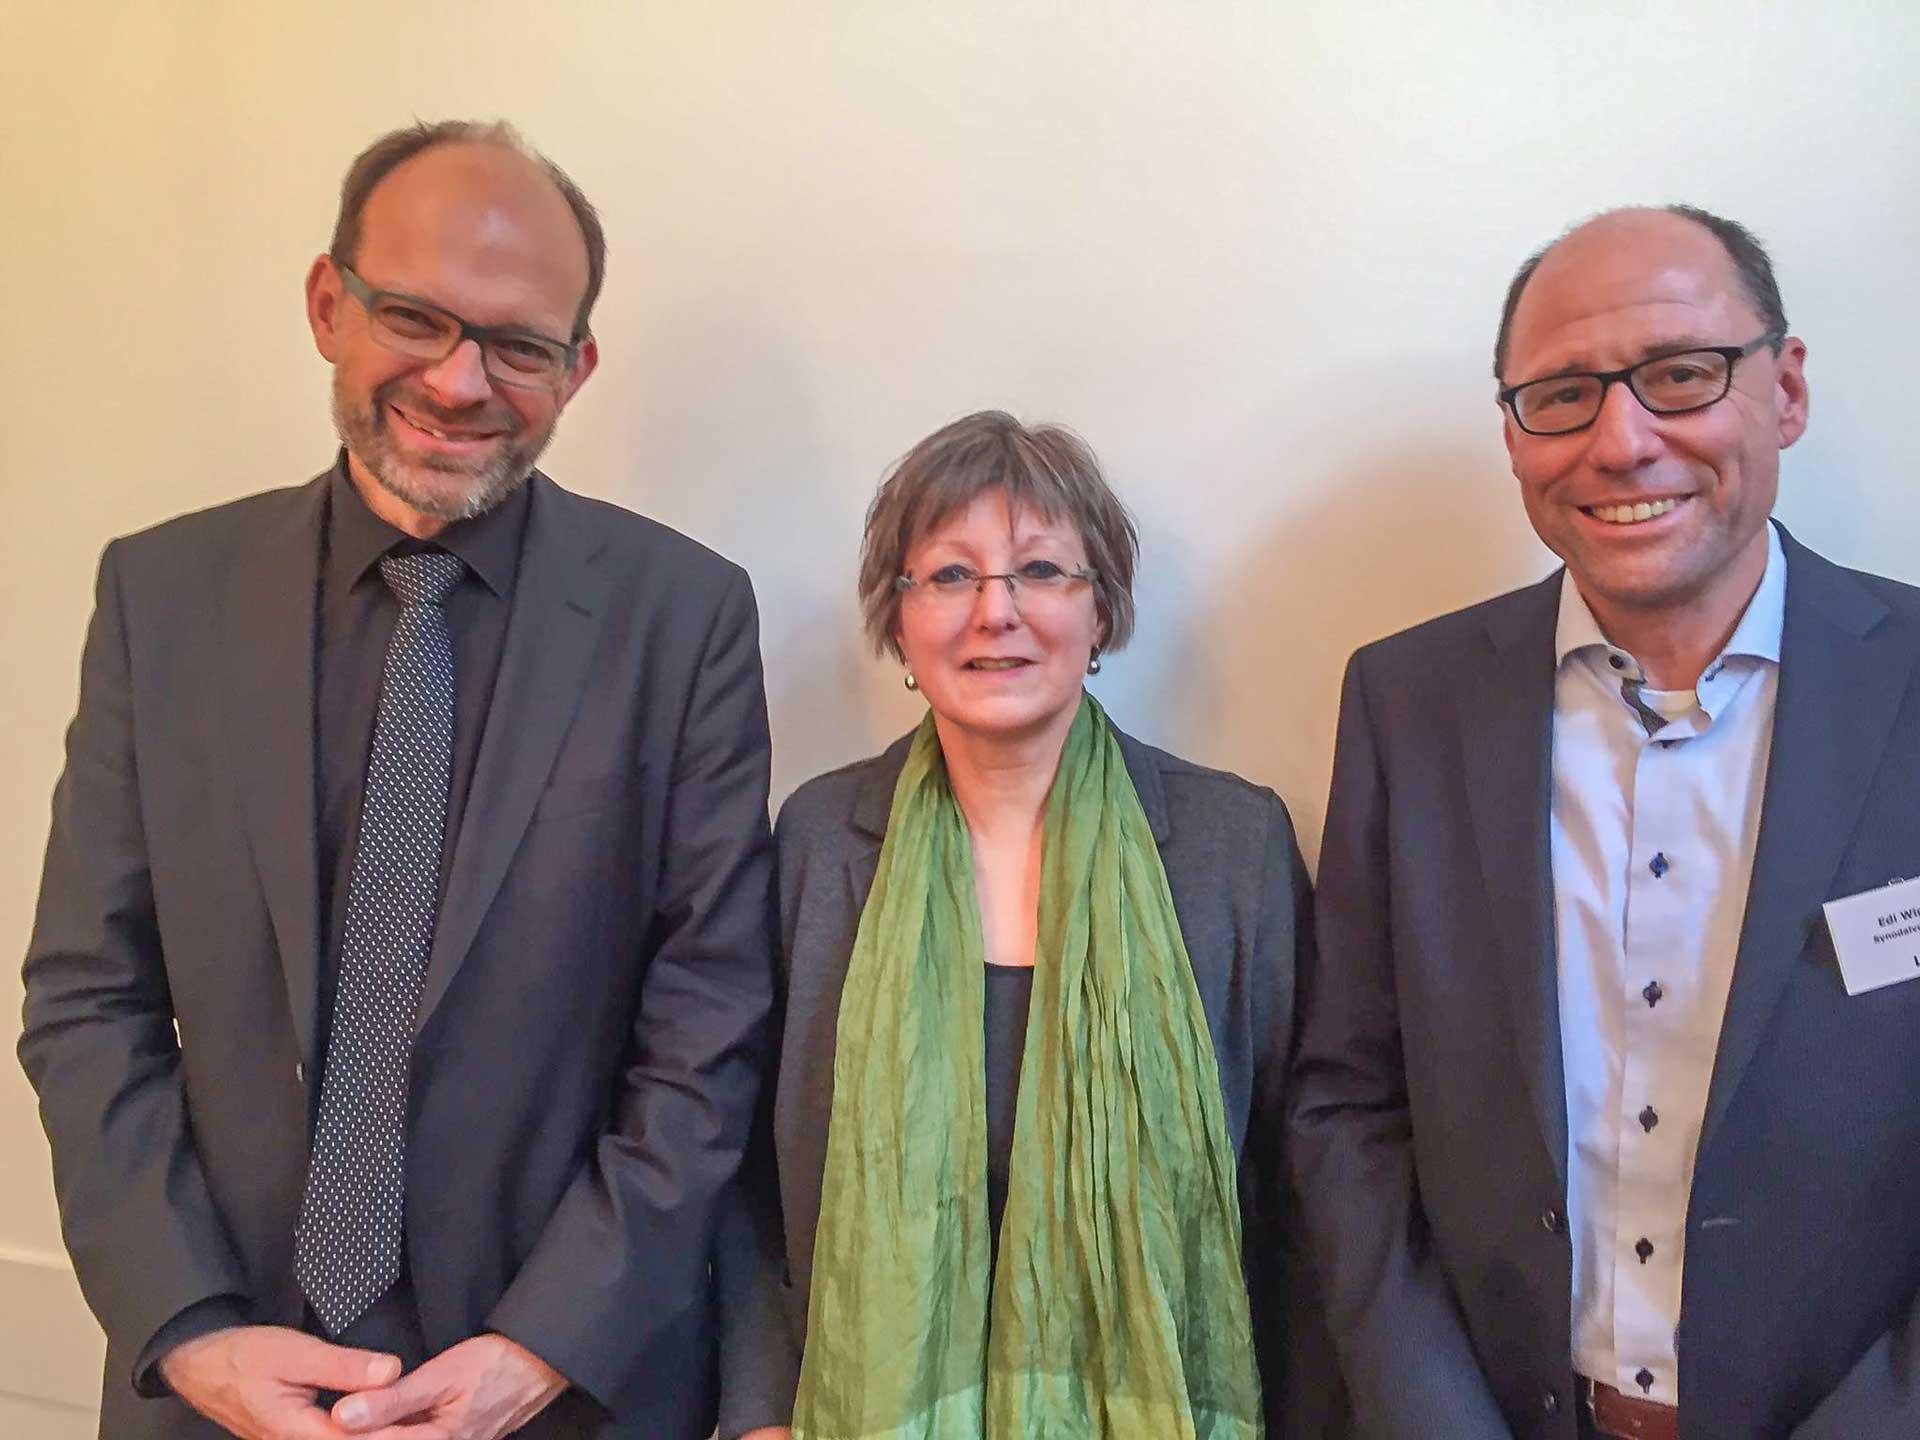 Die neue Präsidentin Renata Asal-Steger mit ihrem Vorgänger Luc Humbel (Aargau) und dem Luzerner Synodalverwalter Edi Wigger. | 2019 pd